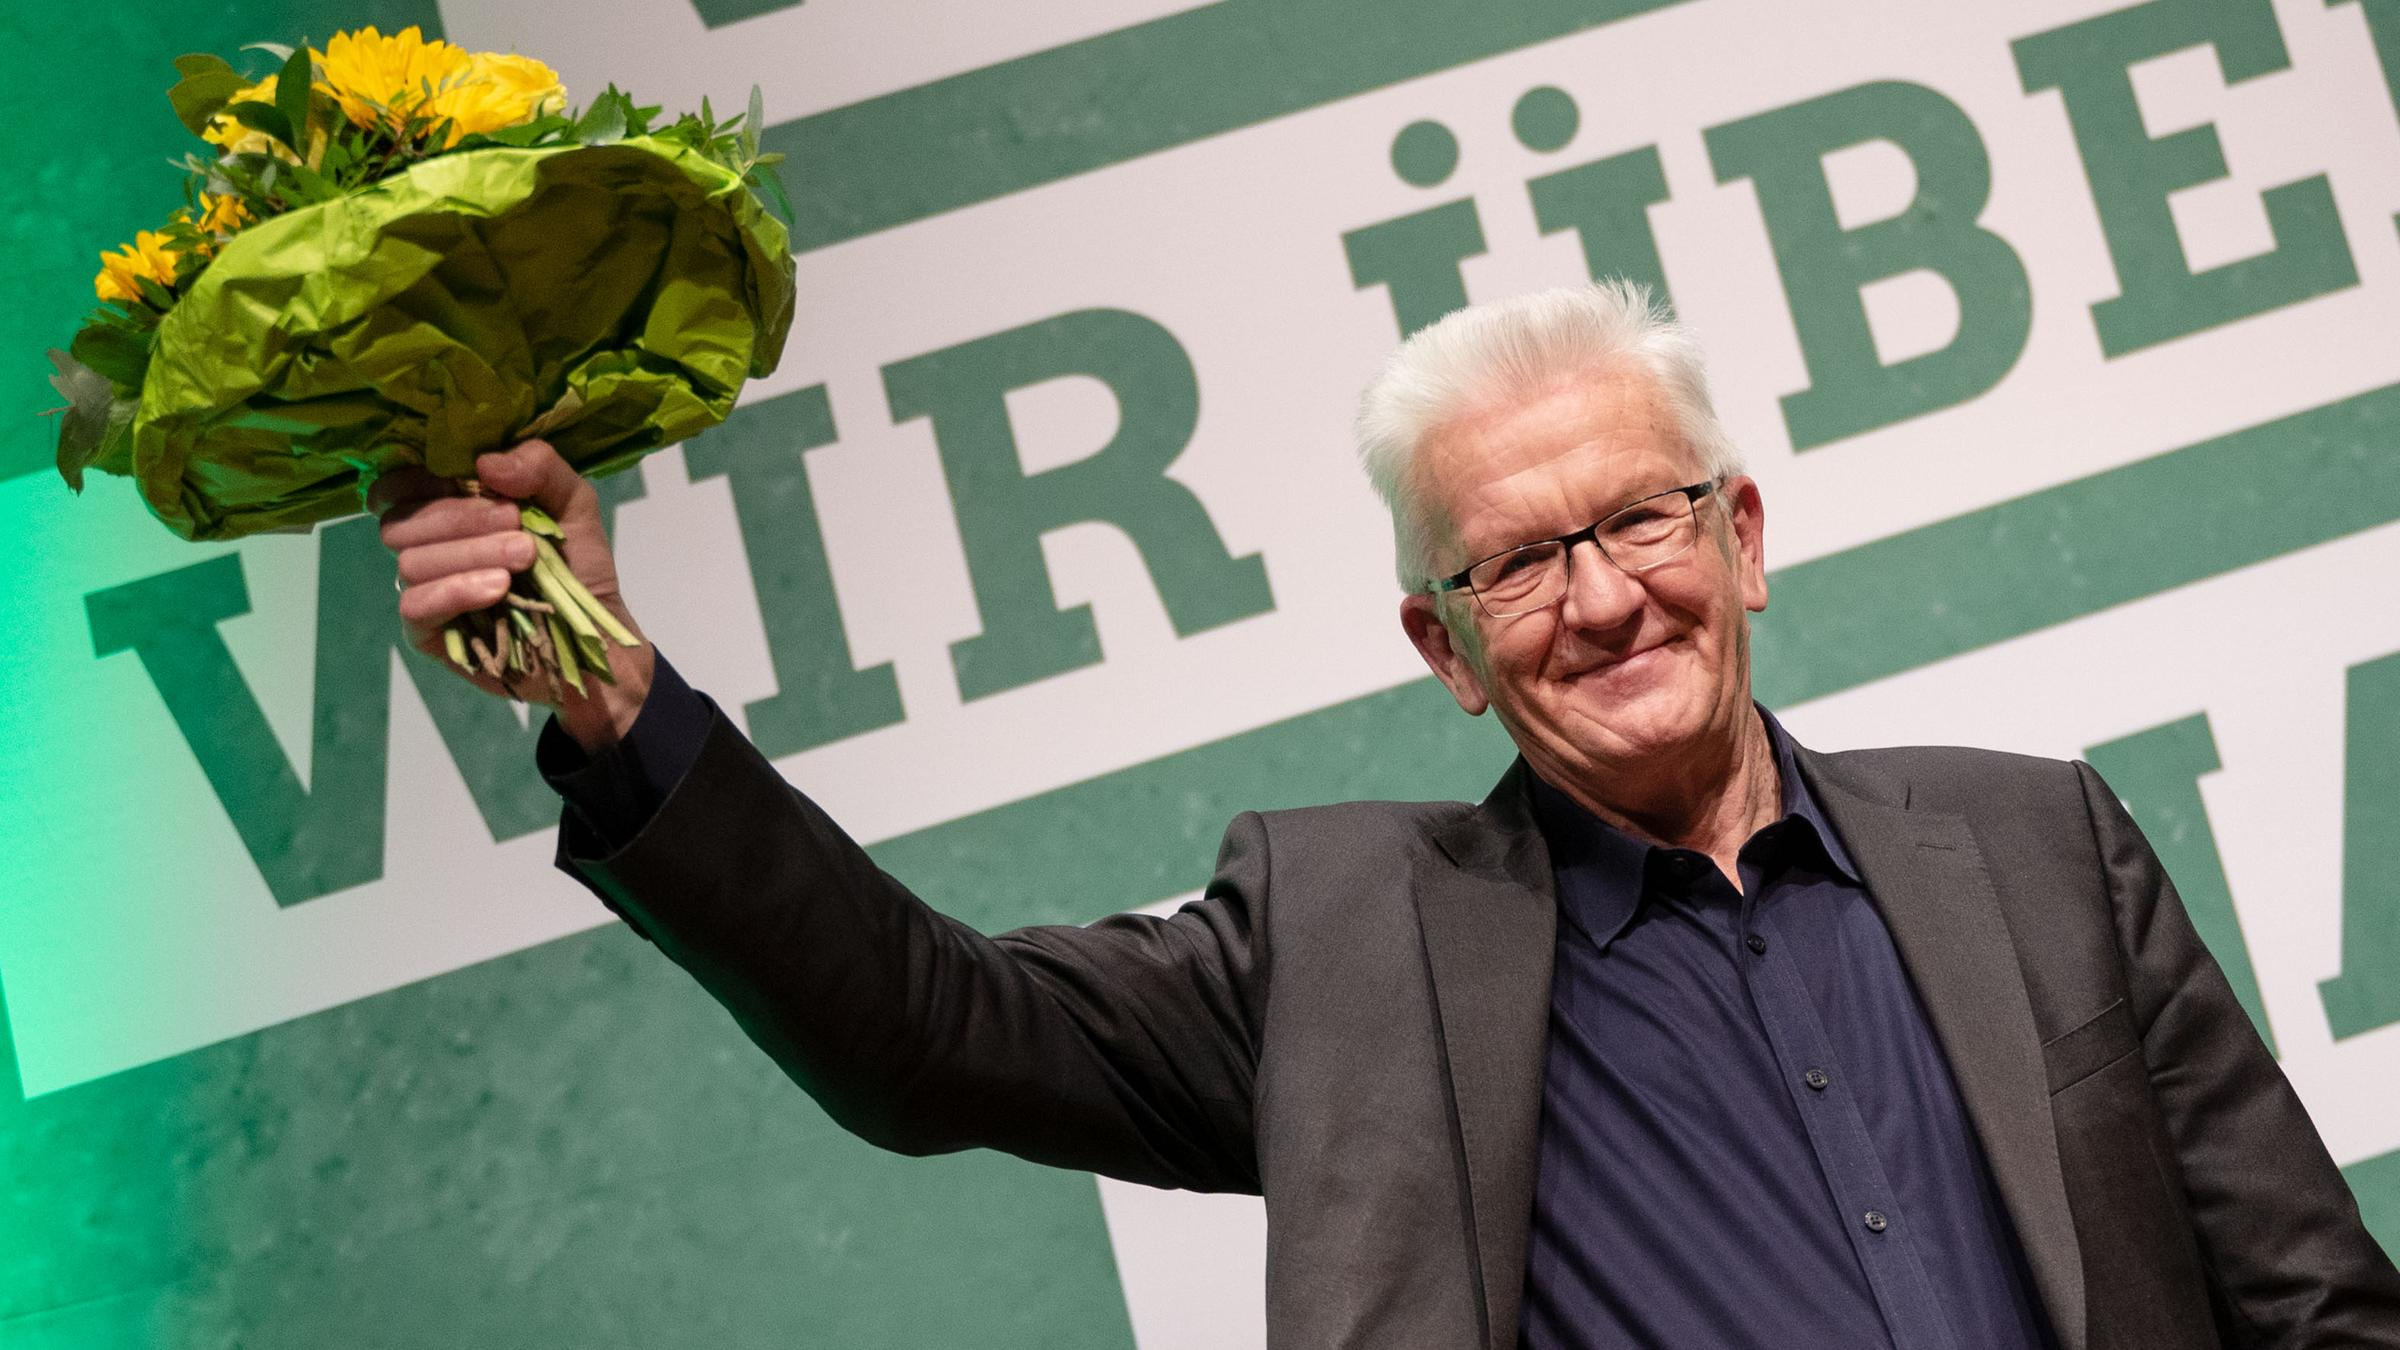 Harter Corona Kurs Kretschmann Wird Grunen Spitzenkandidat Zdfheute